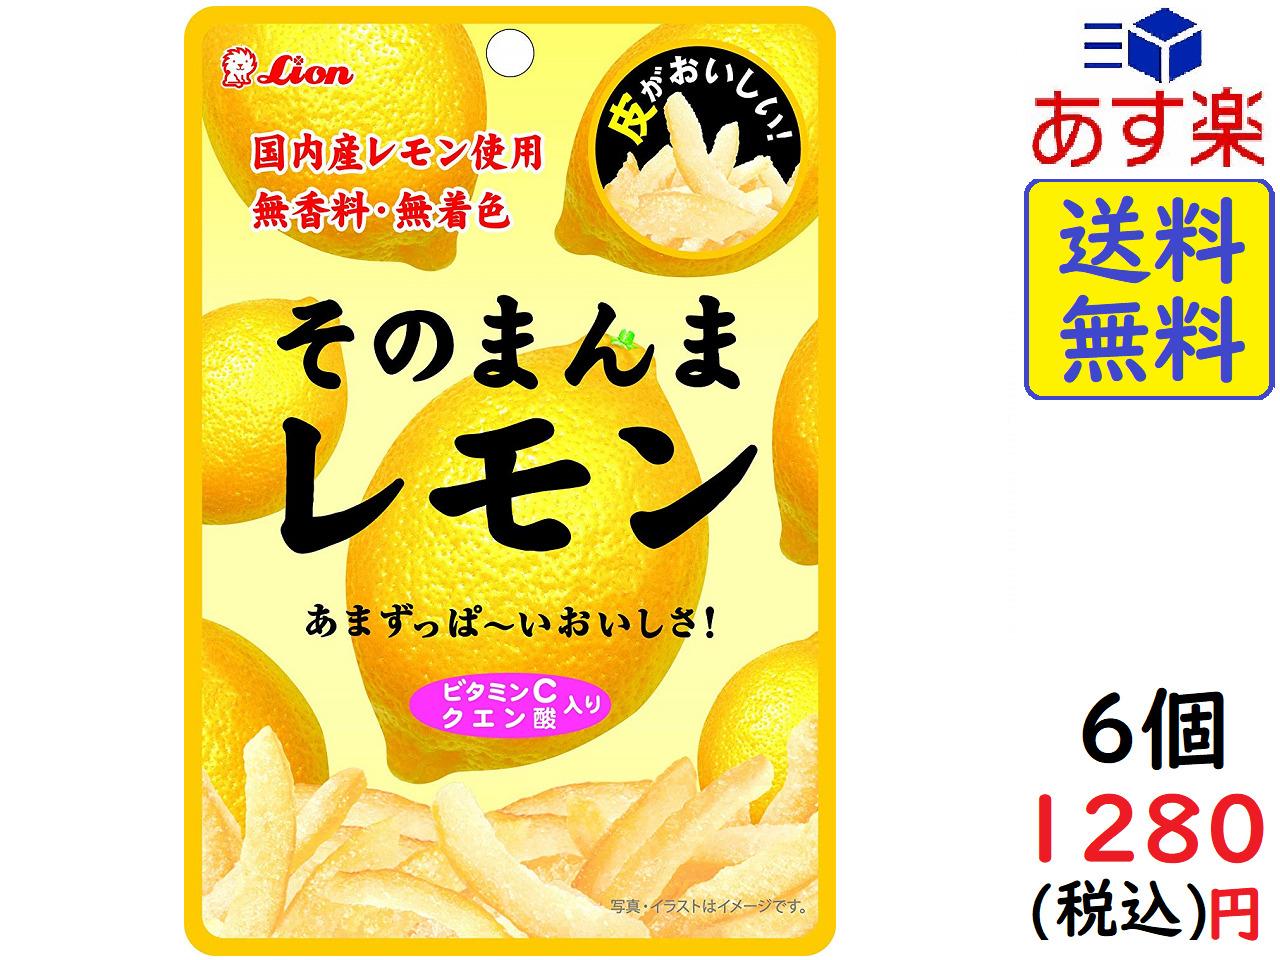 送料無料 あす楽対応 数量は多 ポスト投函 ライオン菓子 そのまんまレモン 25g 12 人気 ×6個 賞味期限2021